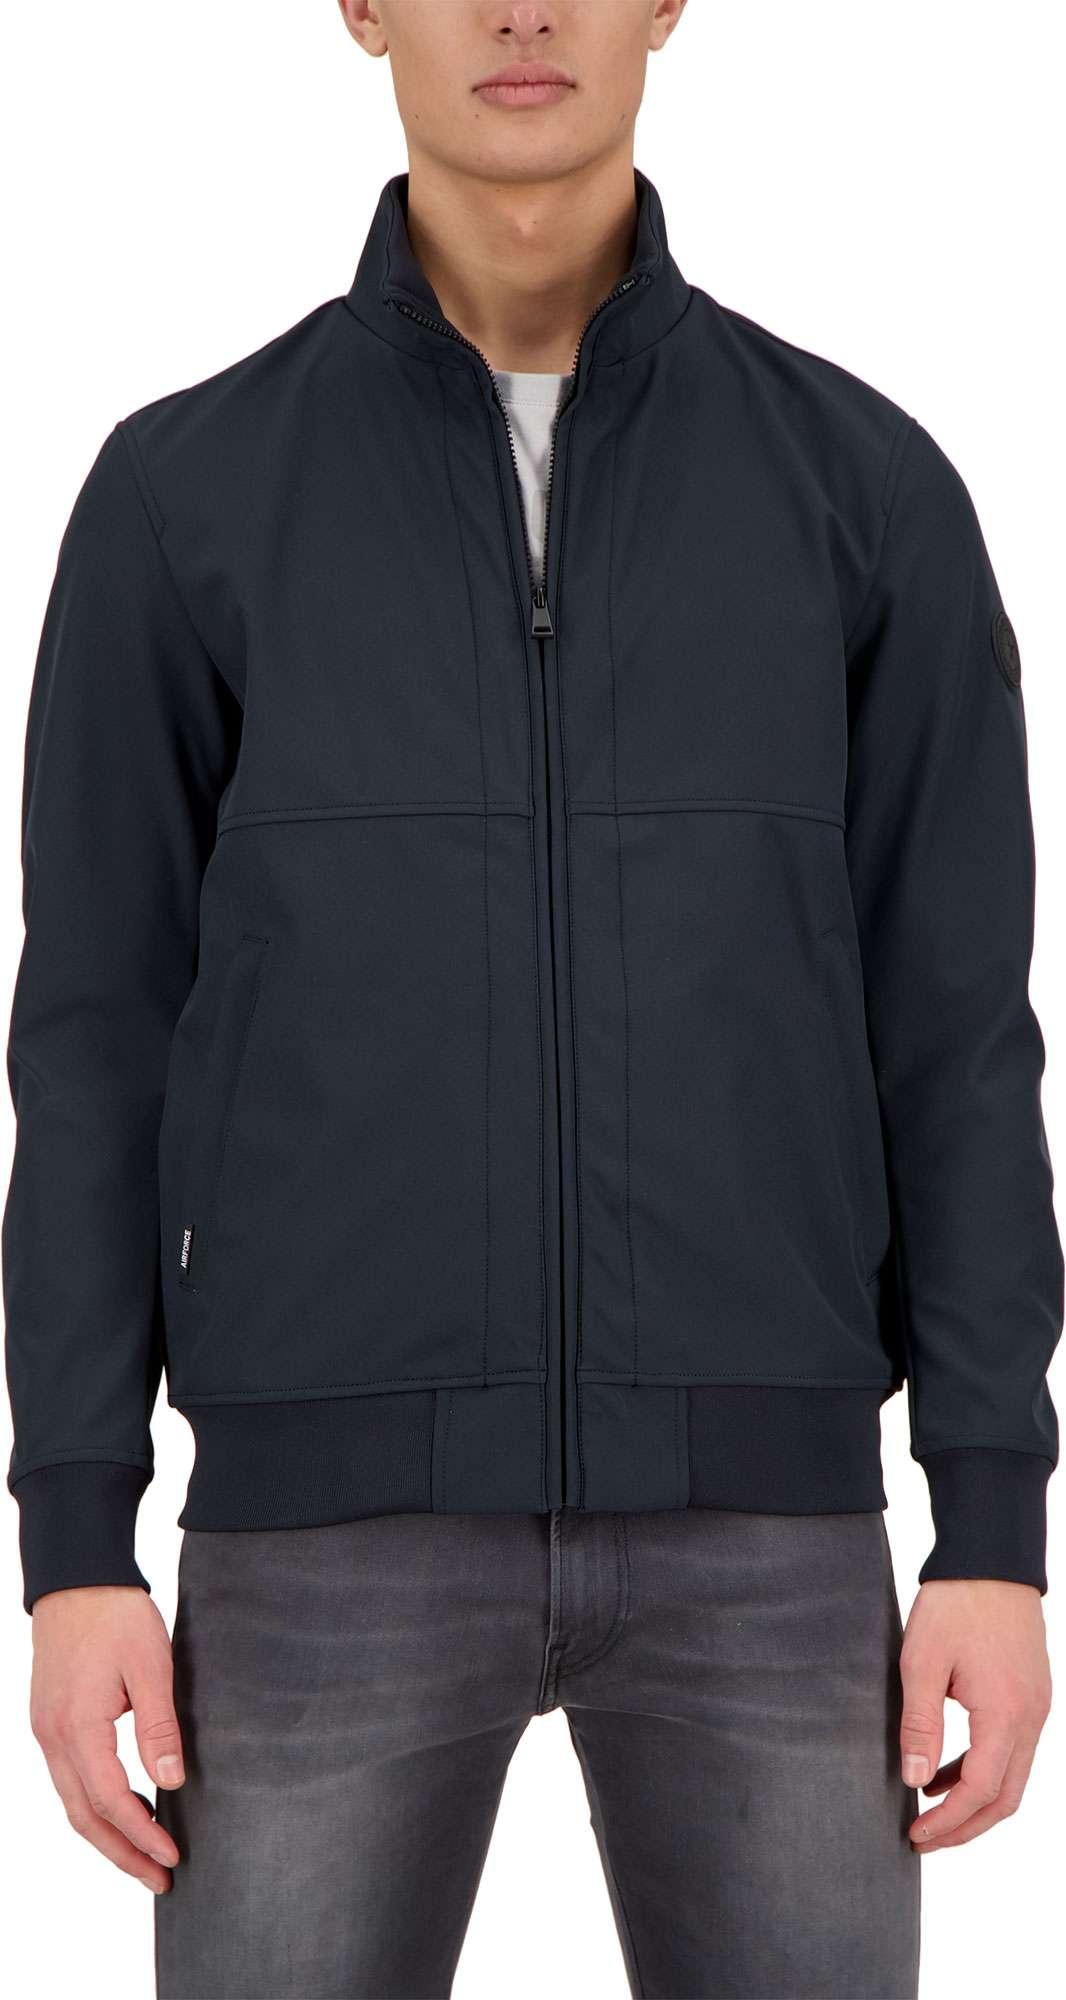 Softshell jacket dark navy blue